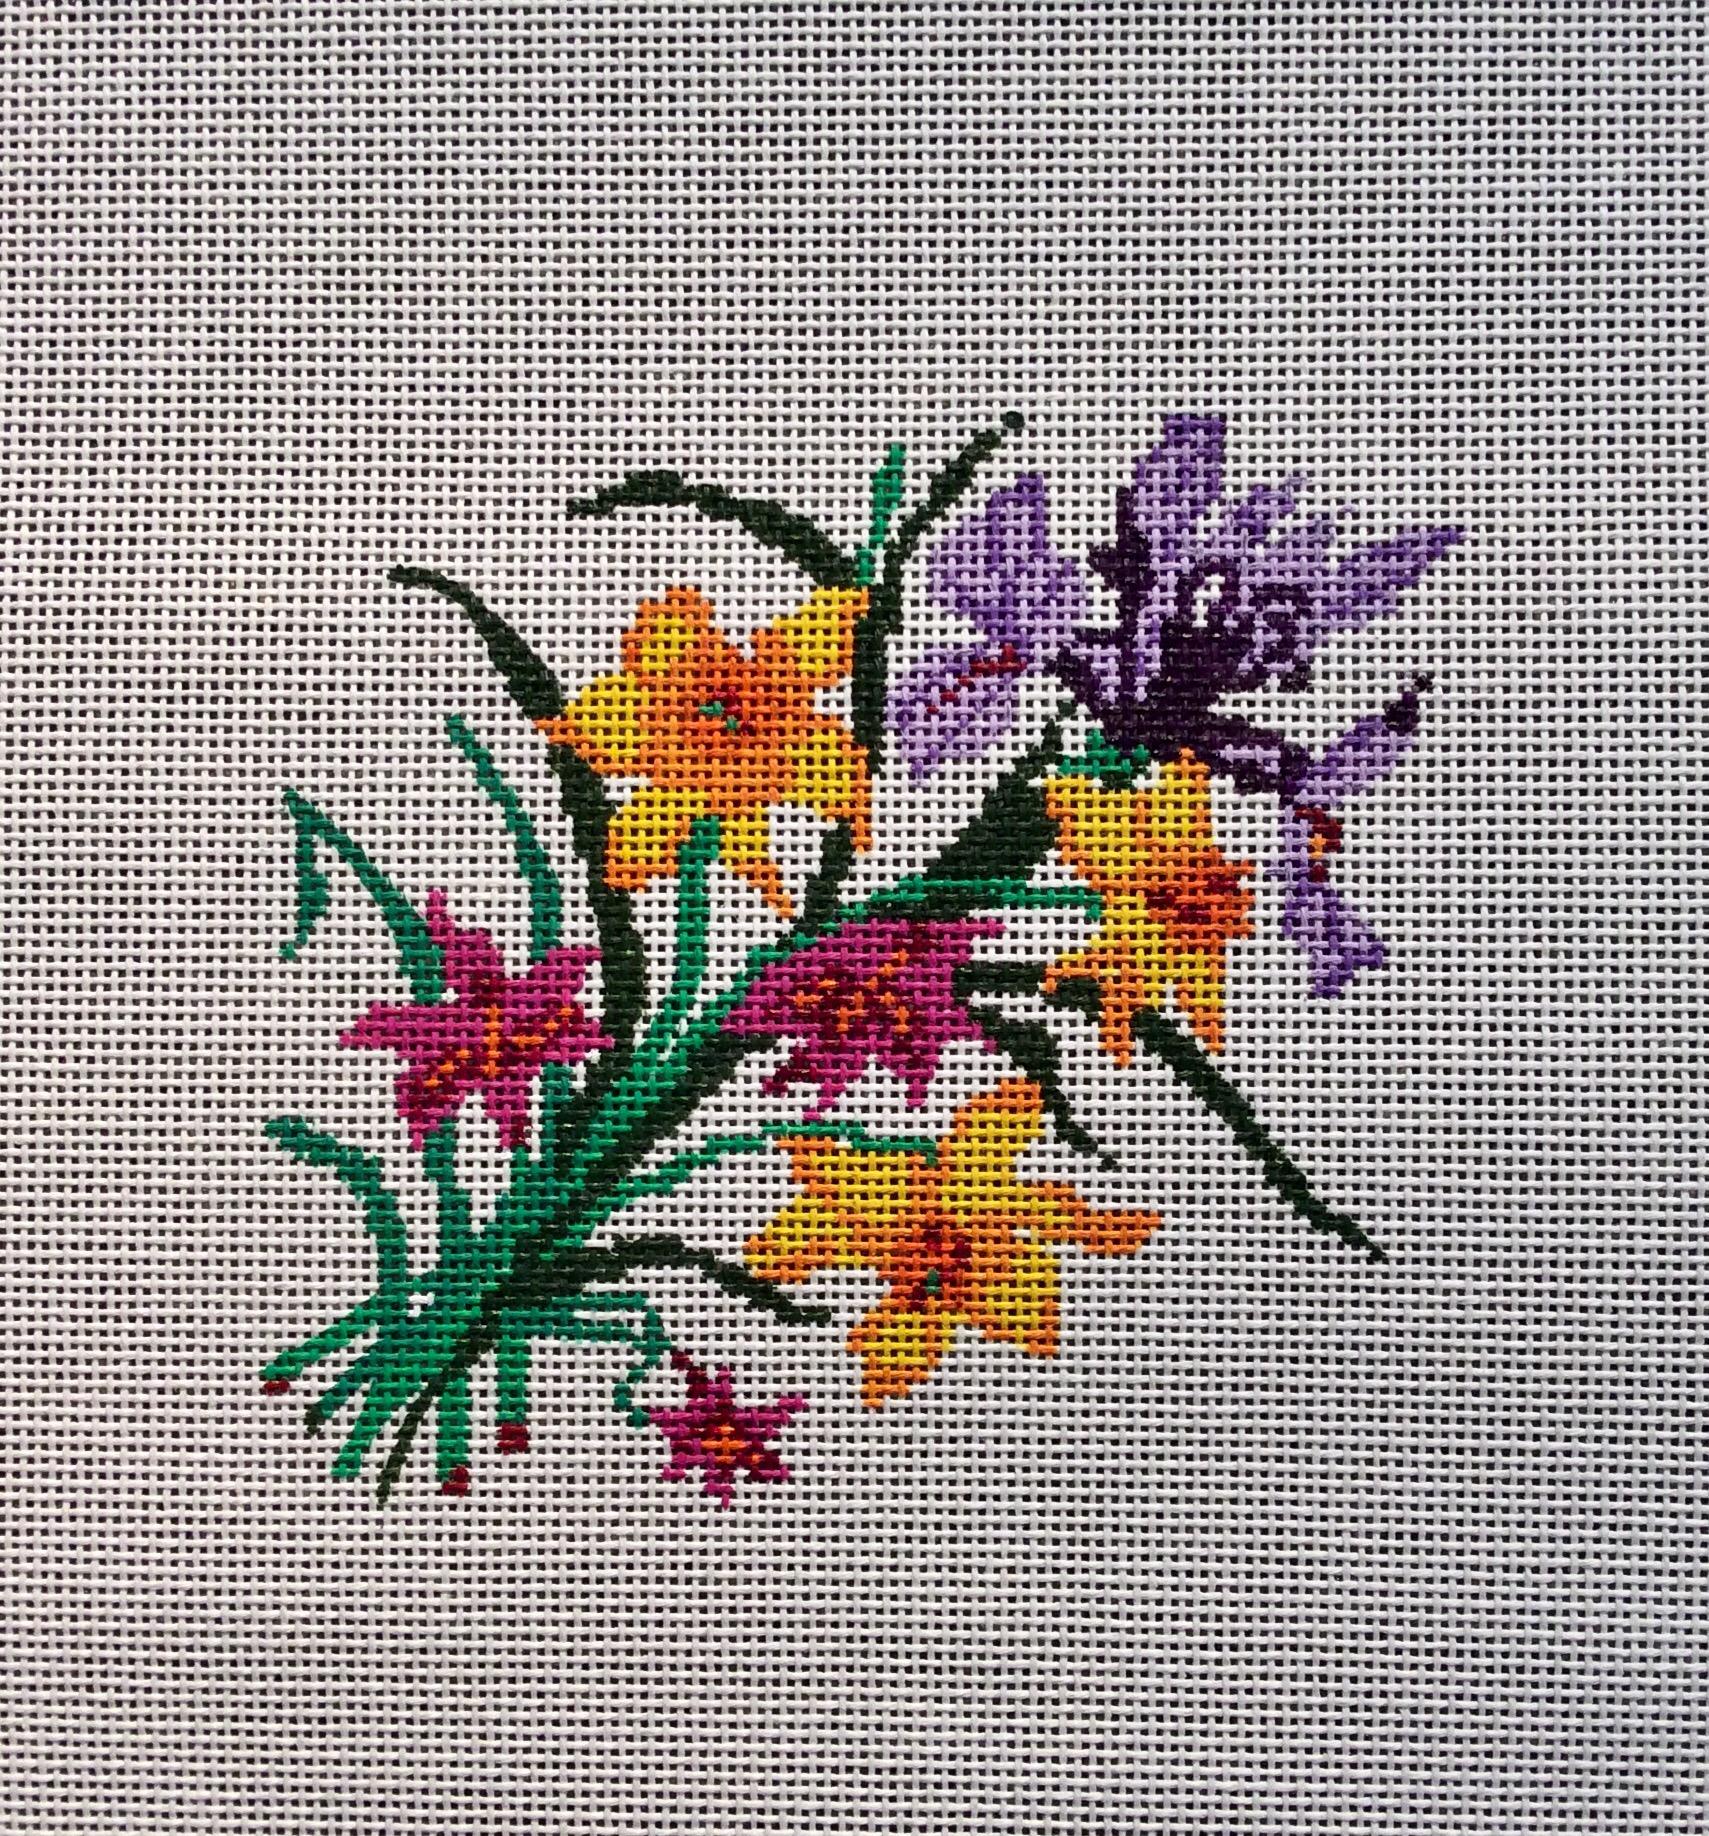 Iris & Daffodils